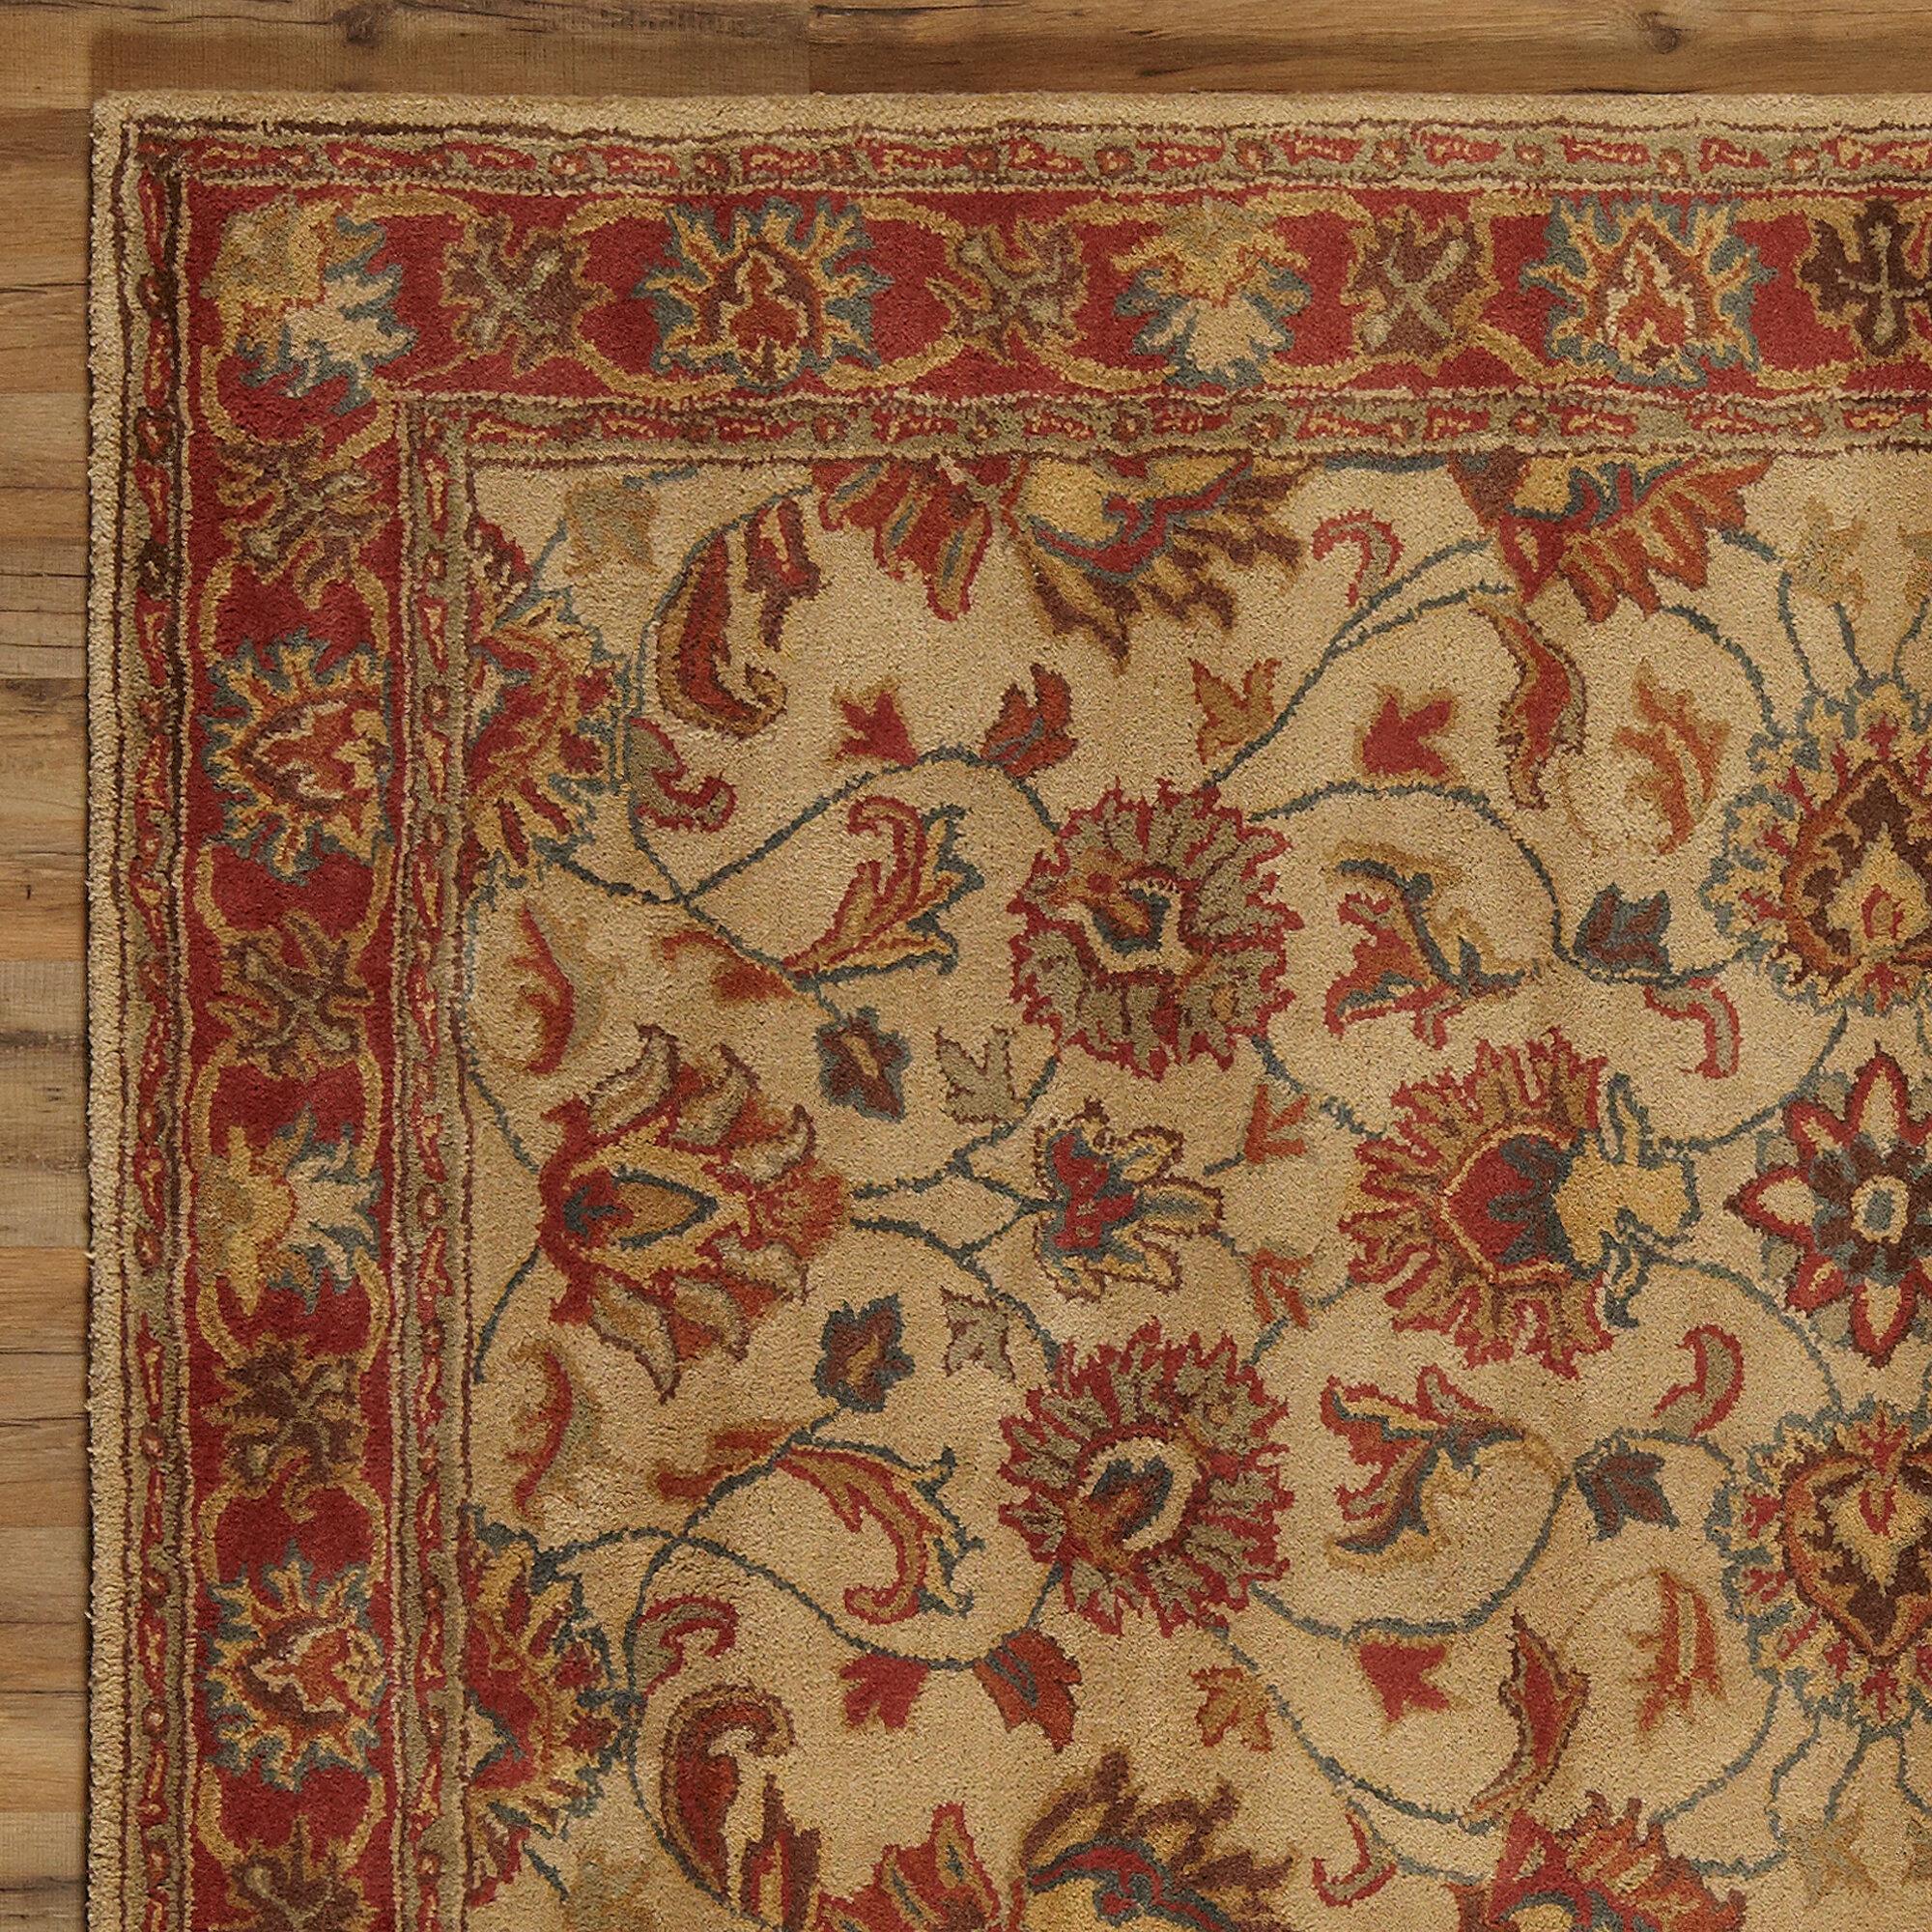 Birch Lane™ Arden Brick Hand-Woven Wool Area Rug & Reviews   Birch Lane